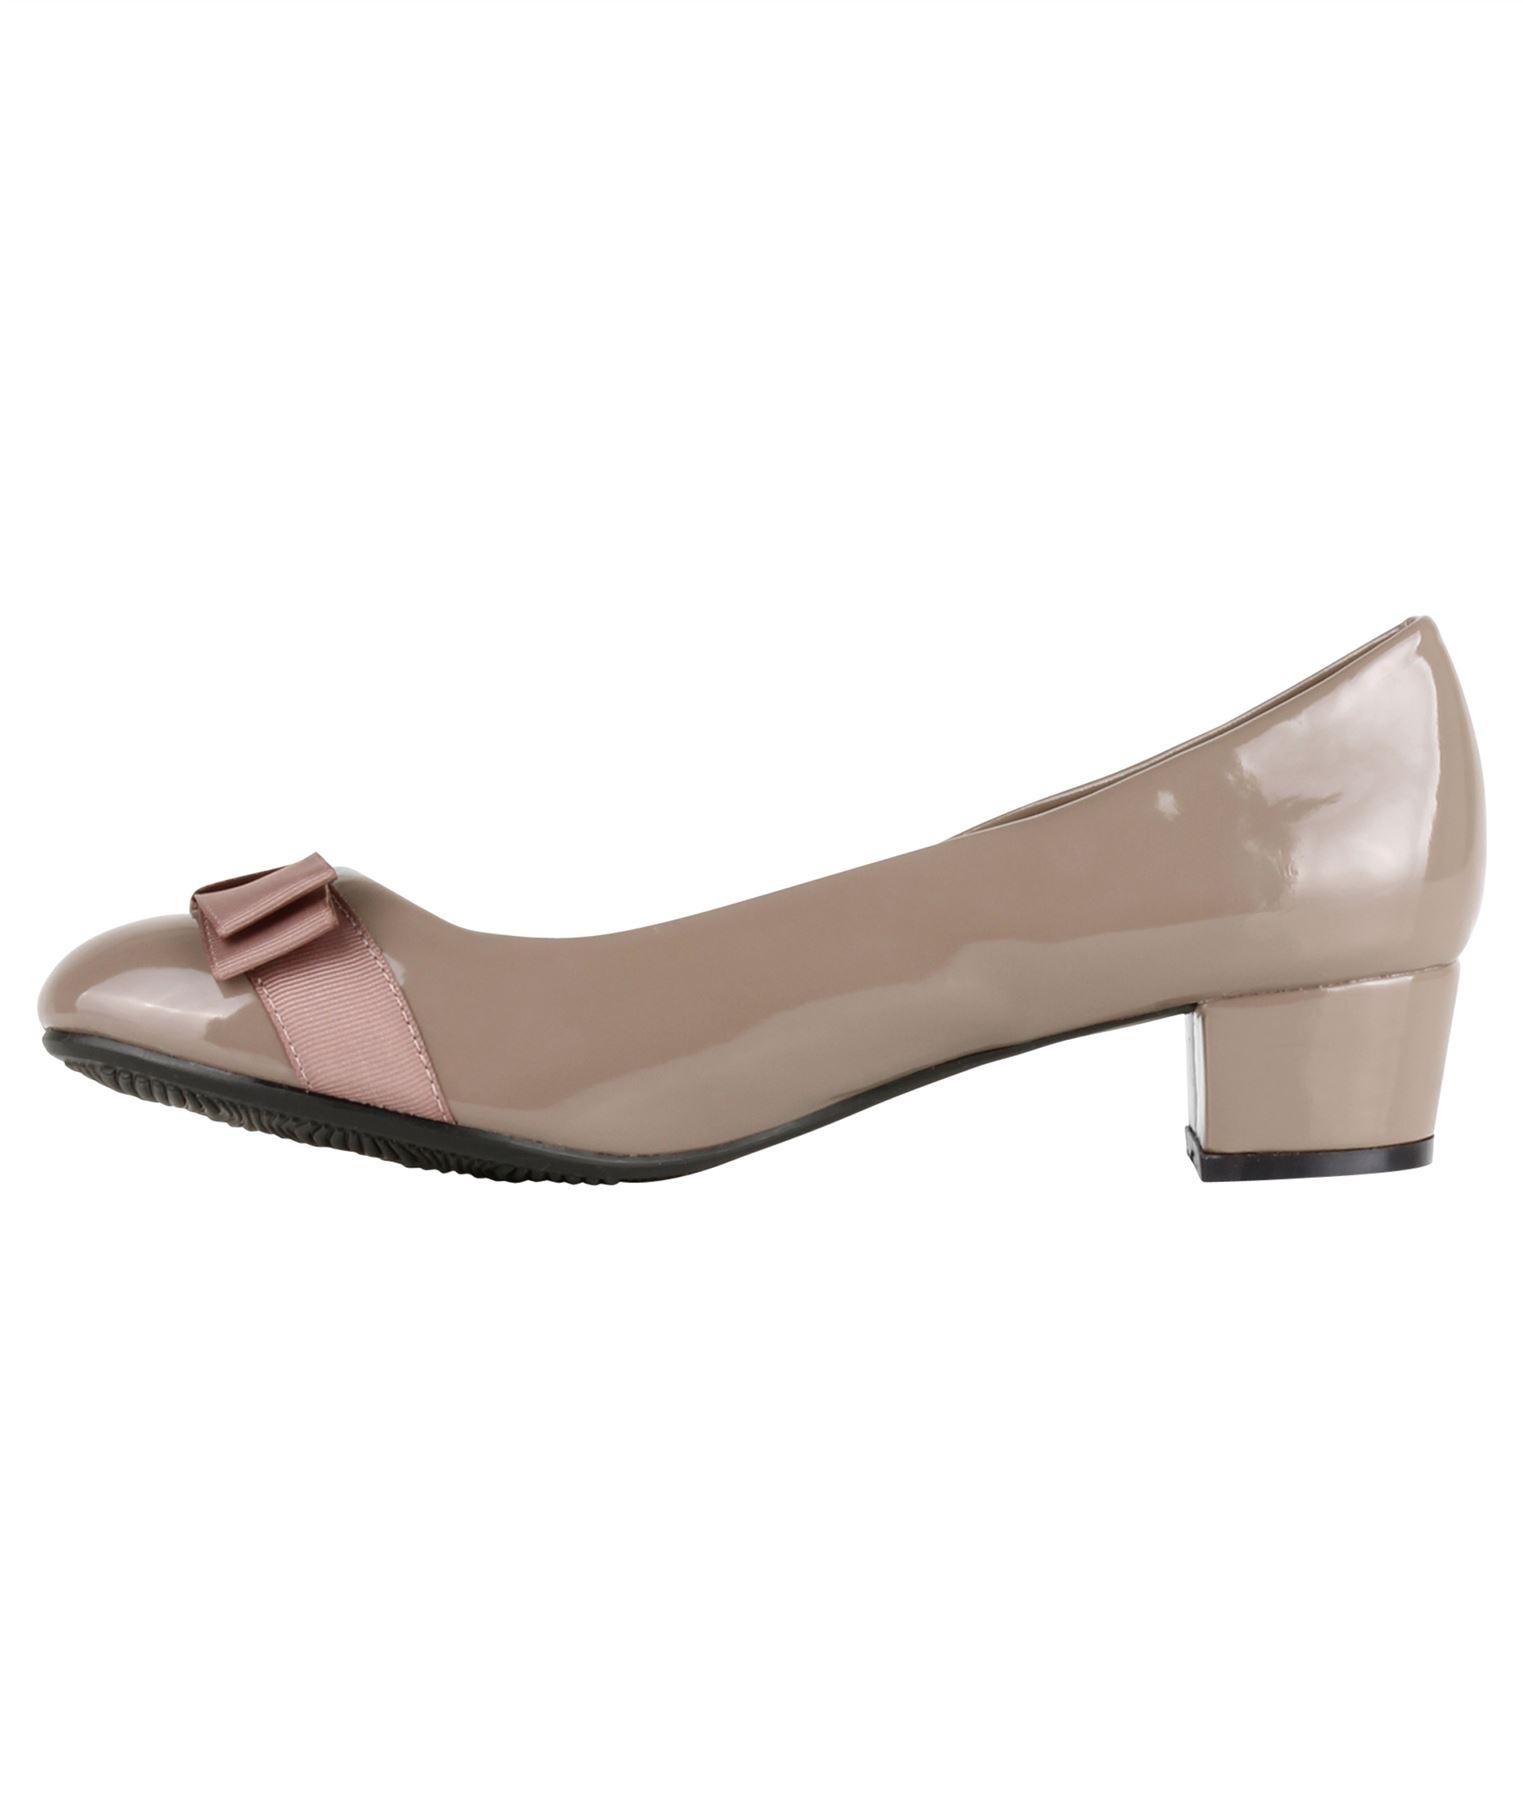 Damen-Elegante-Absatzschuhe-Hochlganz-Pumps-Blockabsatz-Ballerina-Schuhe-Chic Indexbild 16